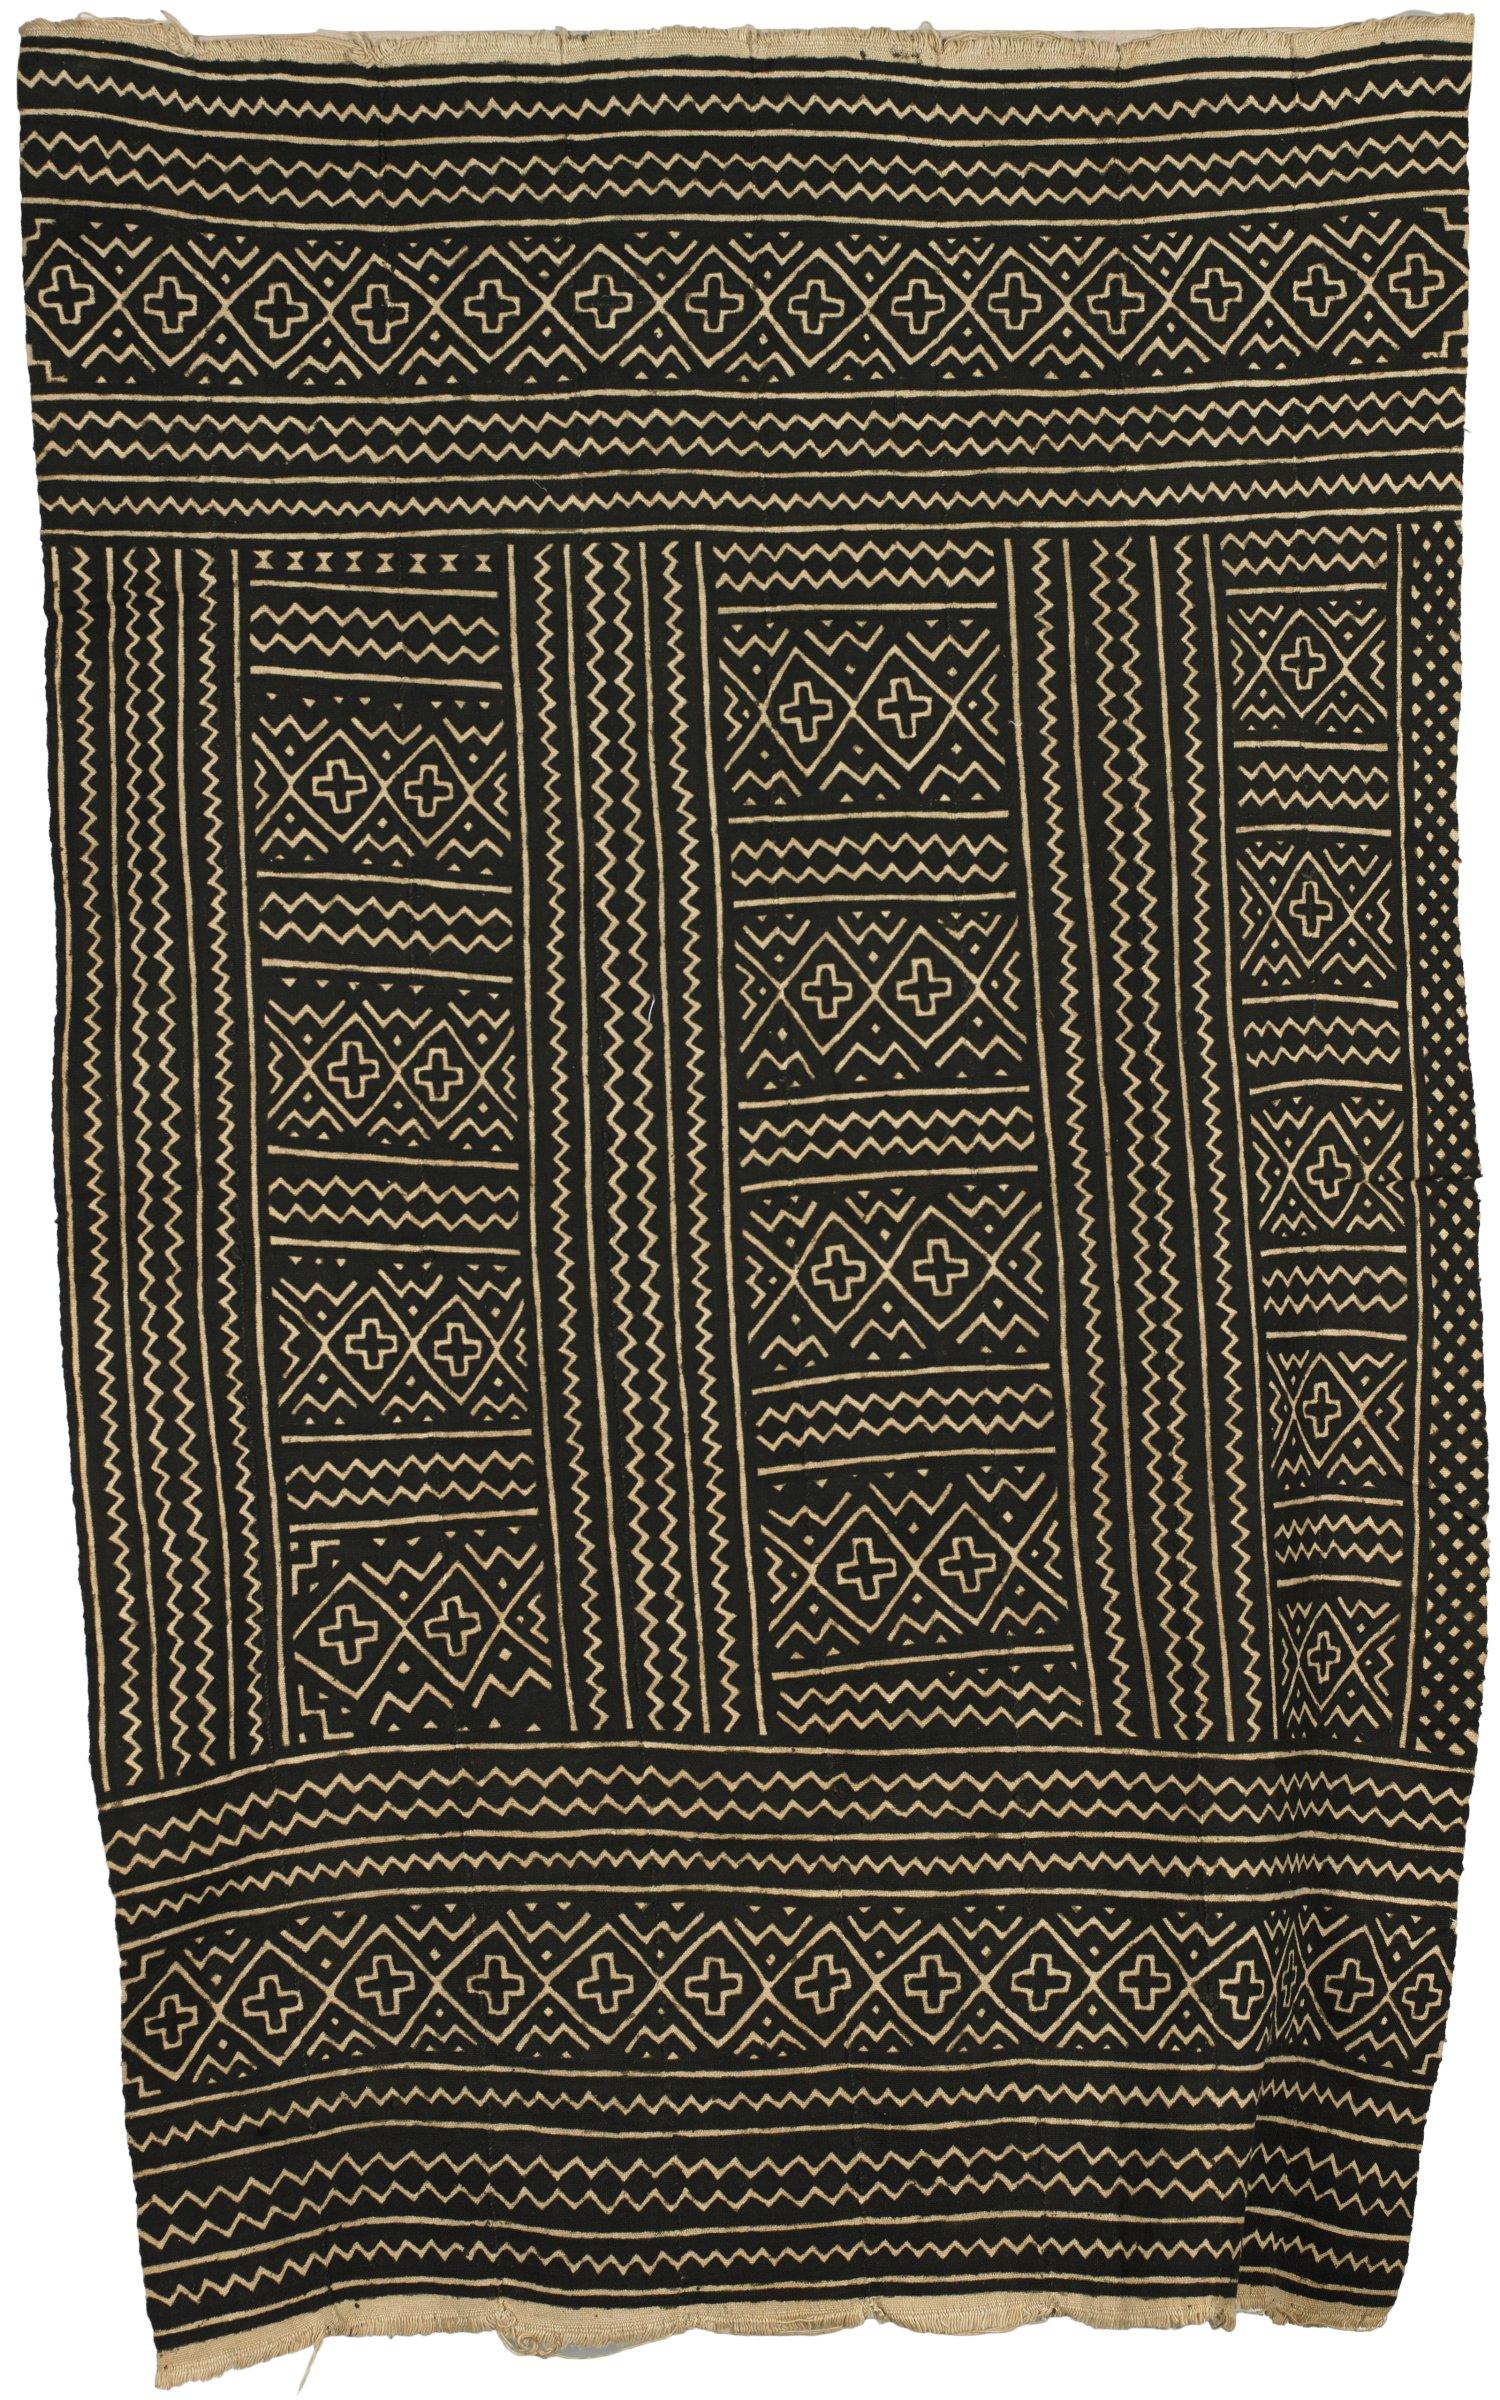 Skirt, Djowari Suko, Bamana people, Mali, African, cotton, mud, natural dye